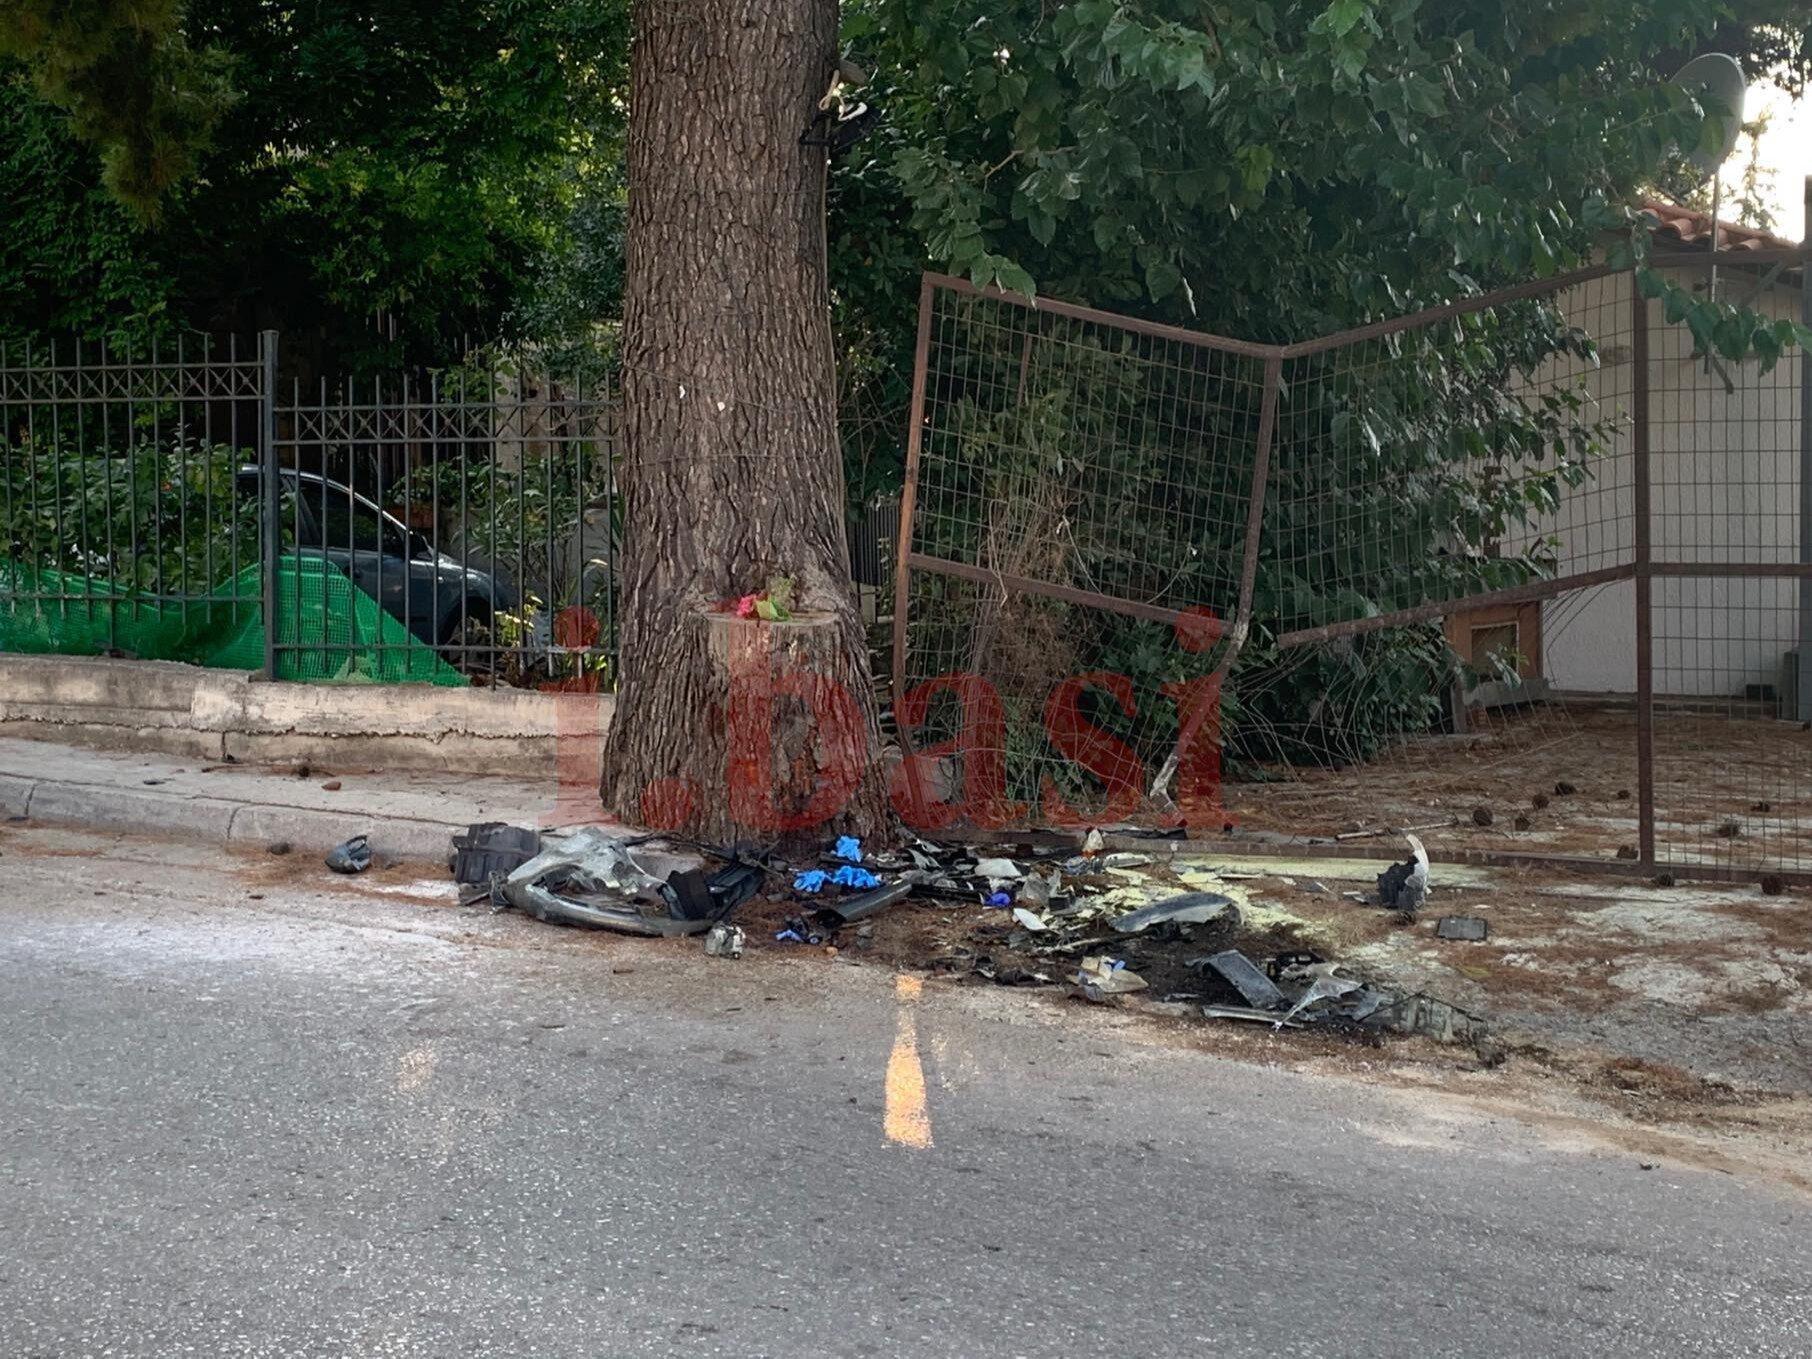 Ο γιος του Ζαχαριά σκοτώθηκε σε τροχαίο: Τι ψάχνει η αστυνομία